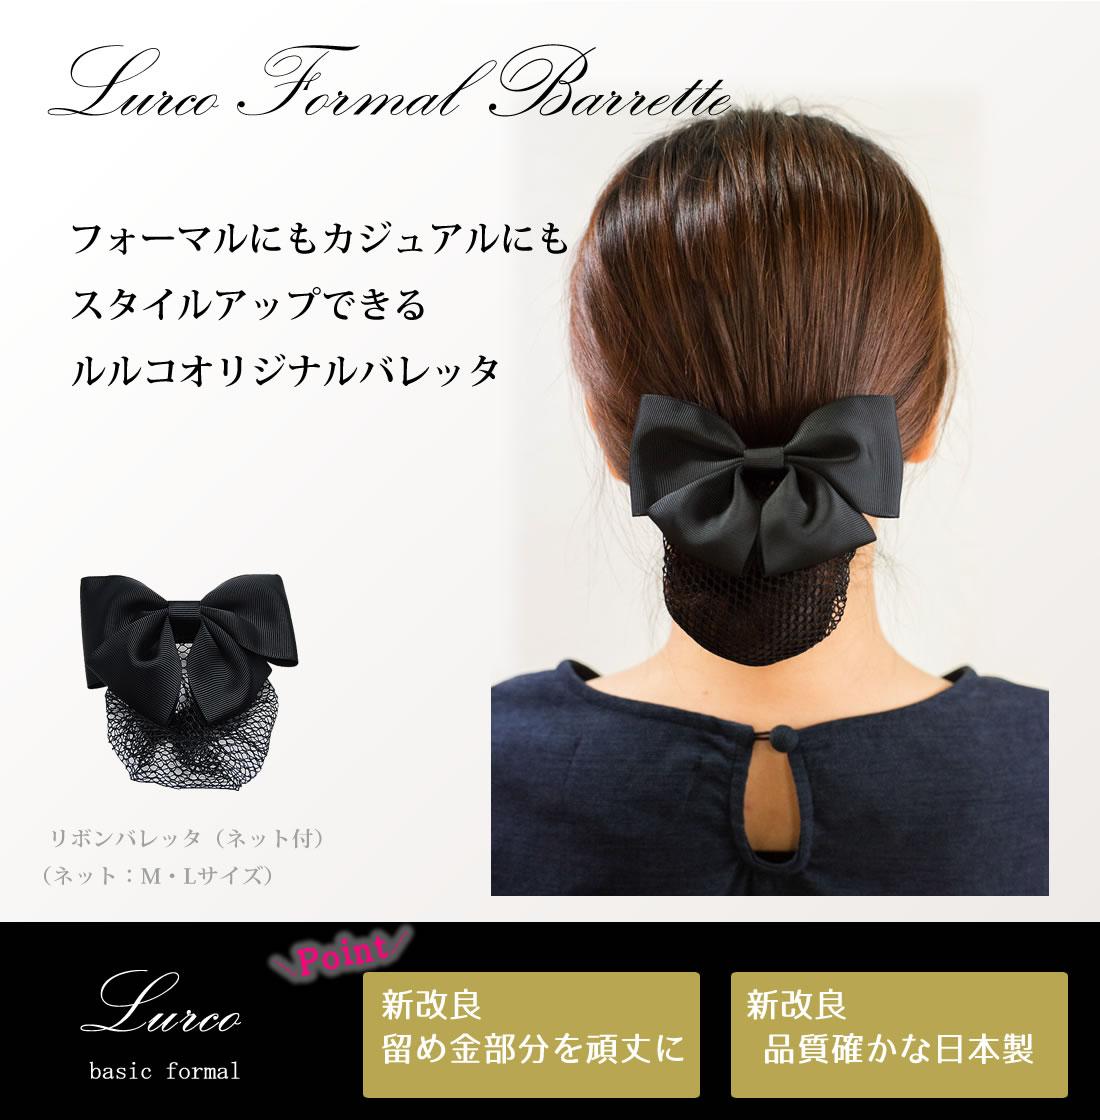 バレッタ黒リボン フォーマル リボンバレッタ  商品画像